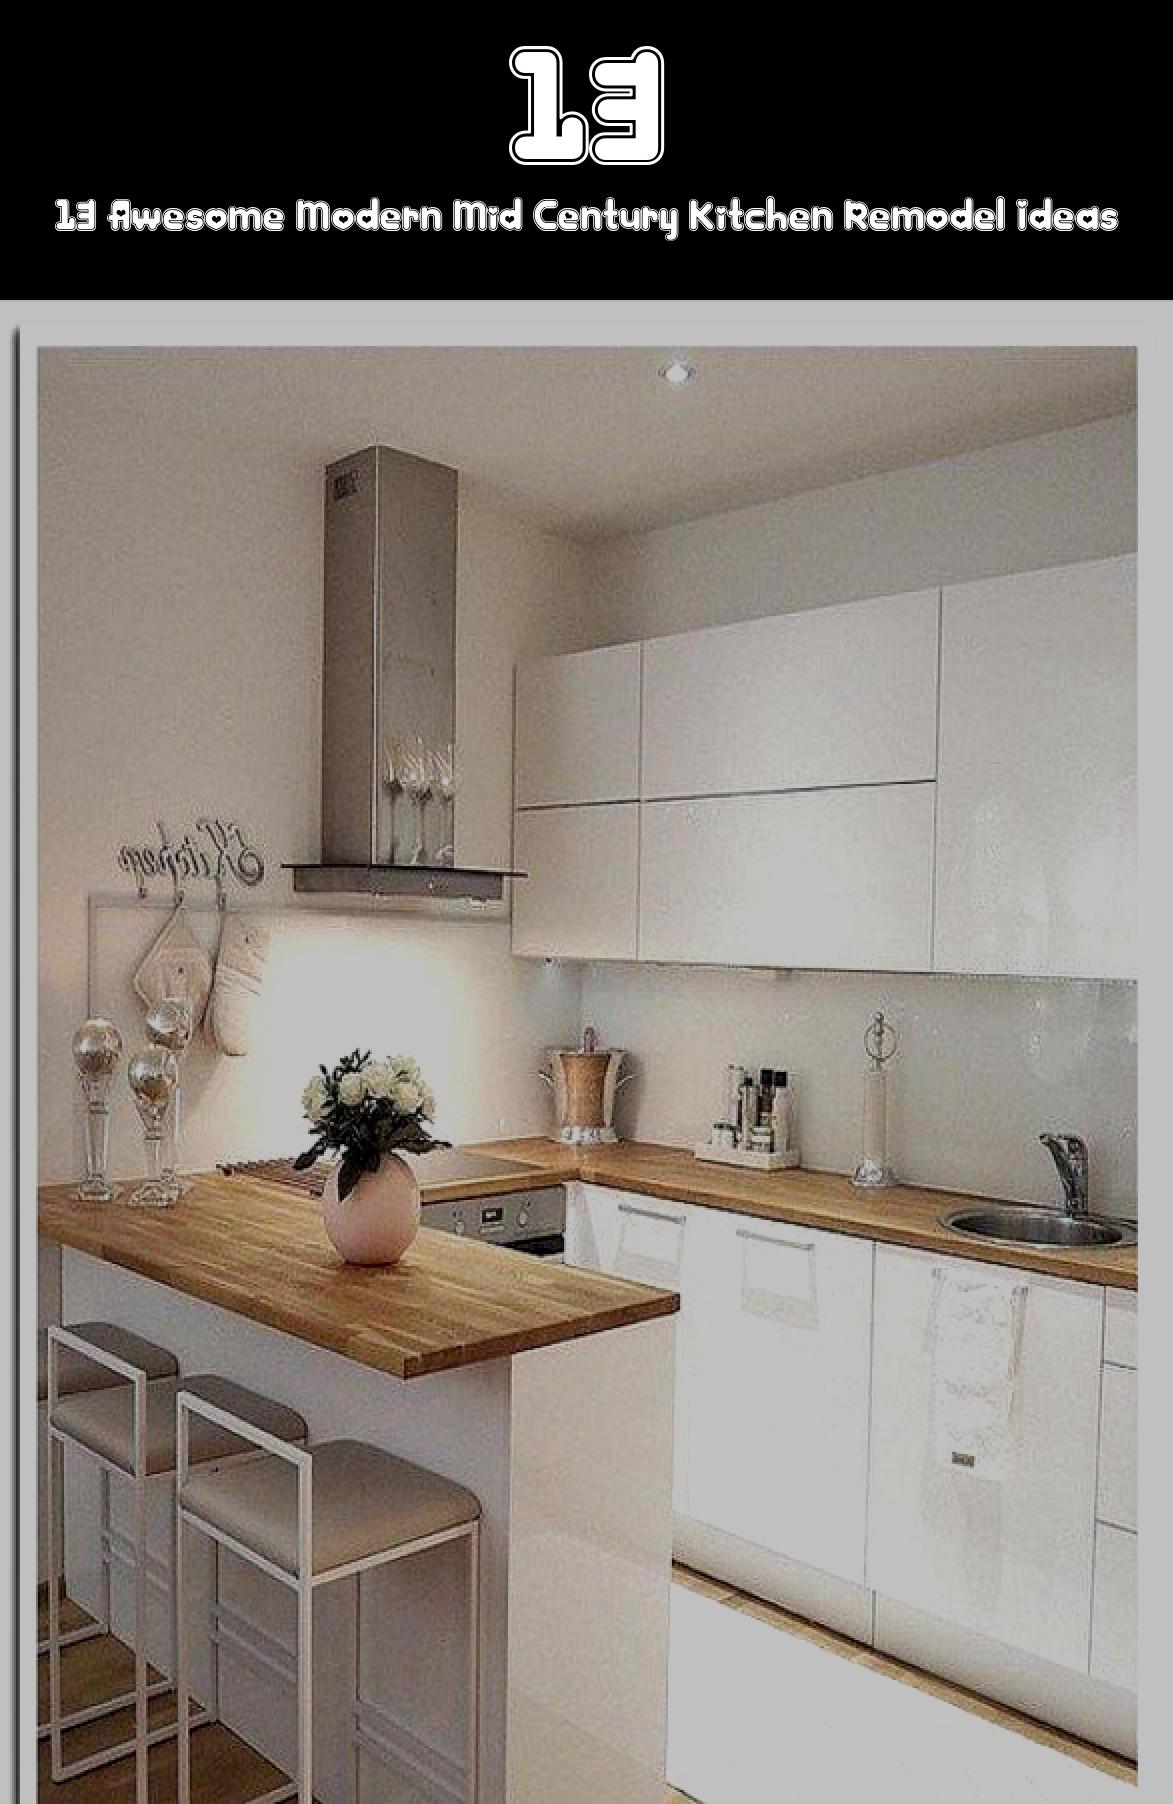 Tumblr Kitchen Inspiration Design Kitchen Remodel Small Kitchen Design Small